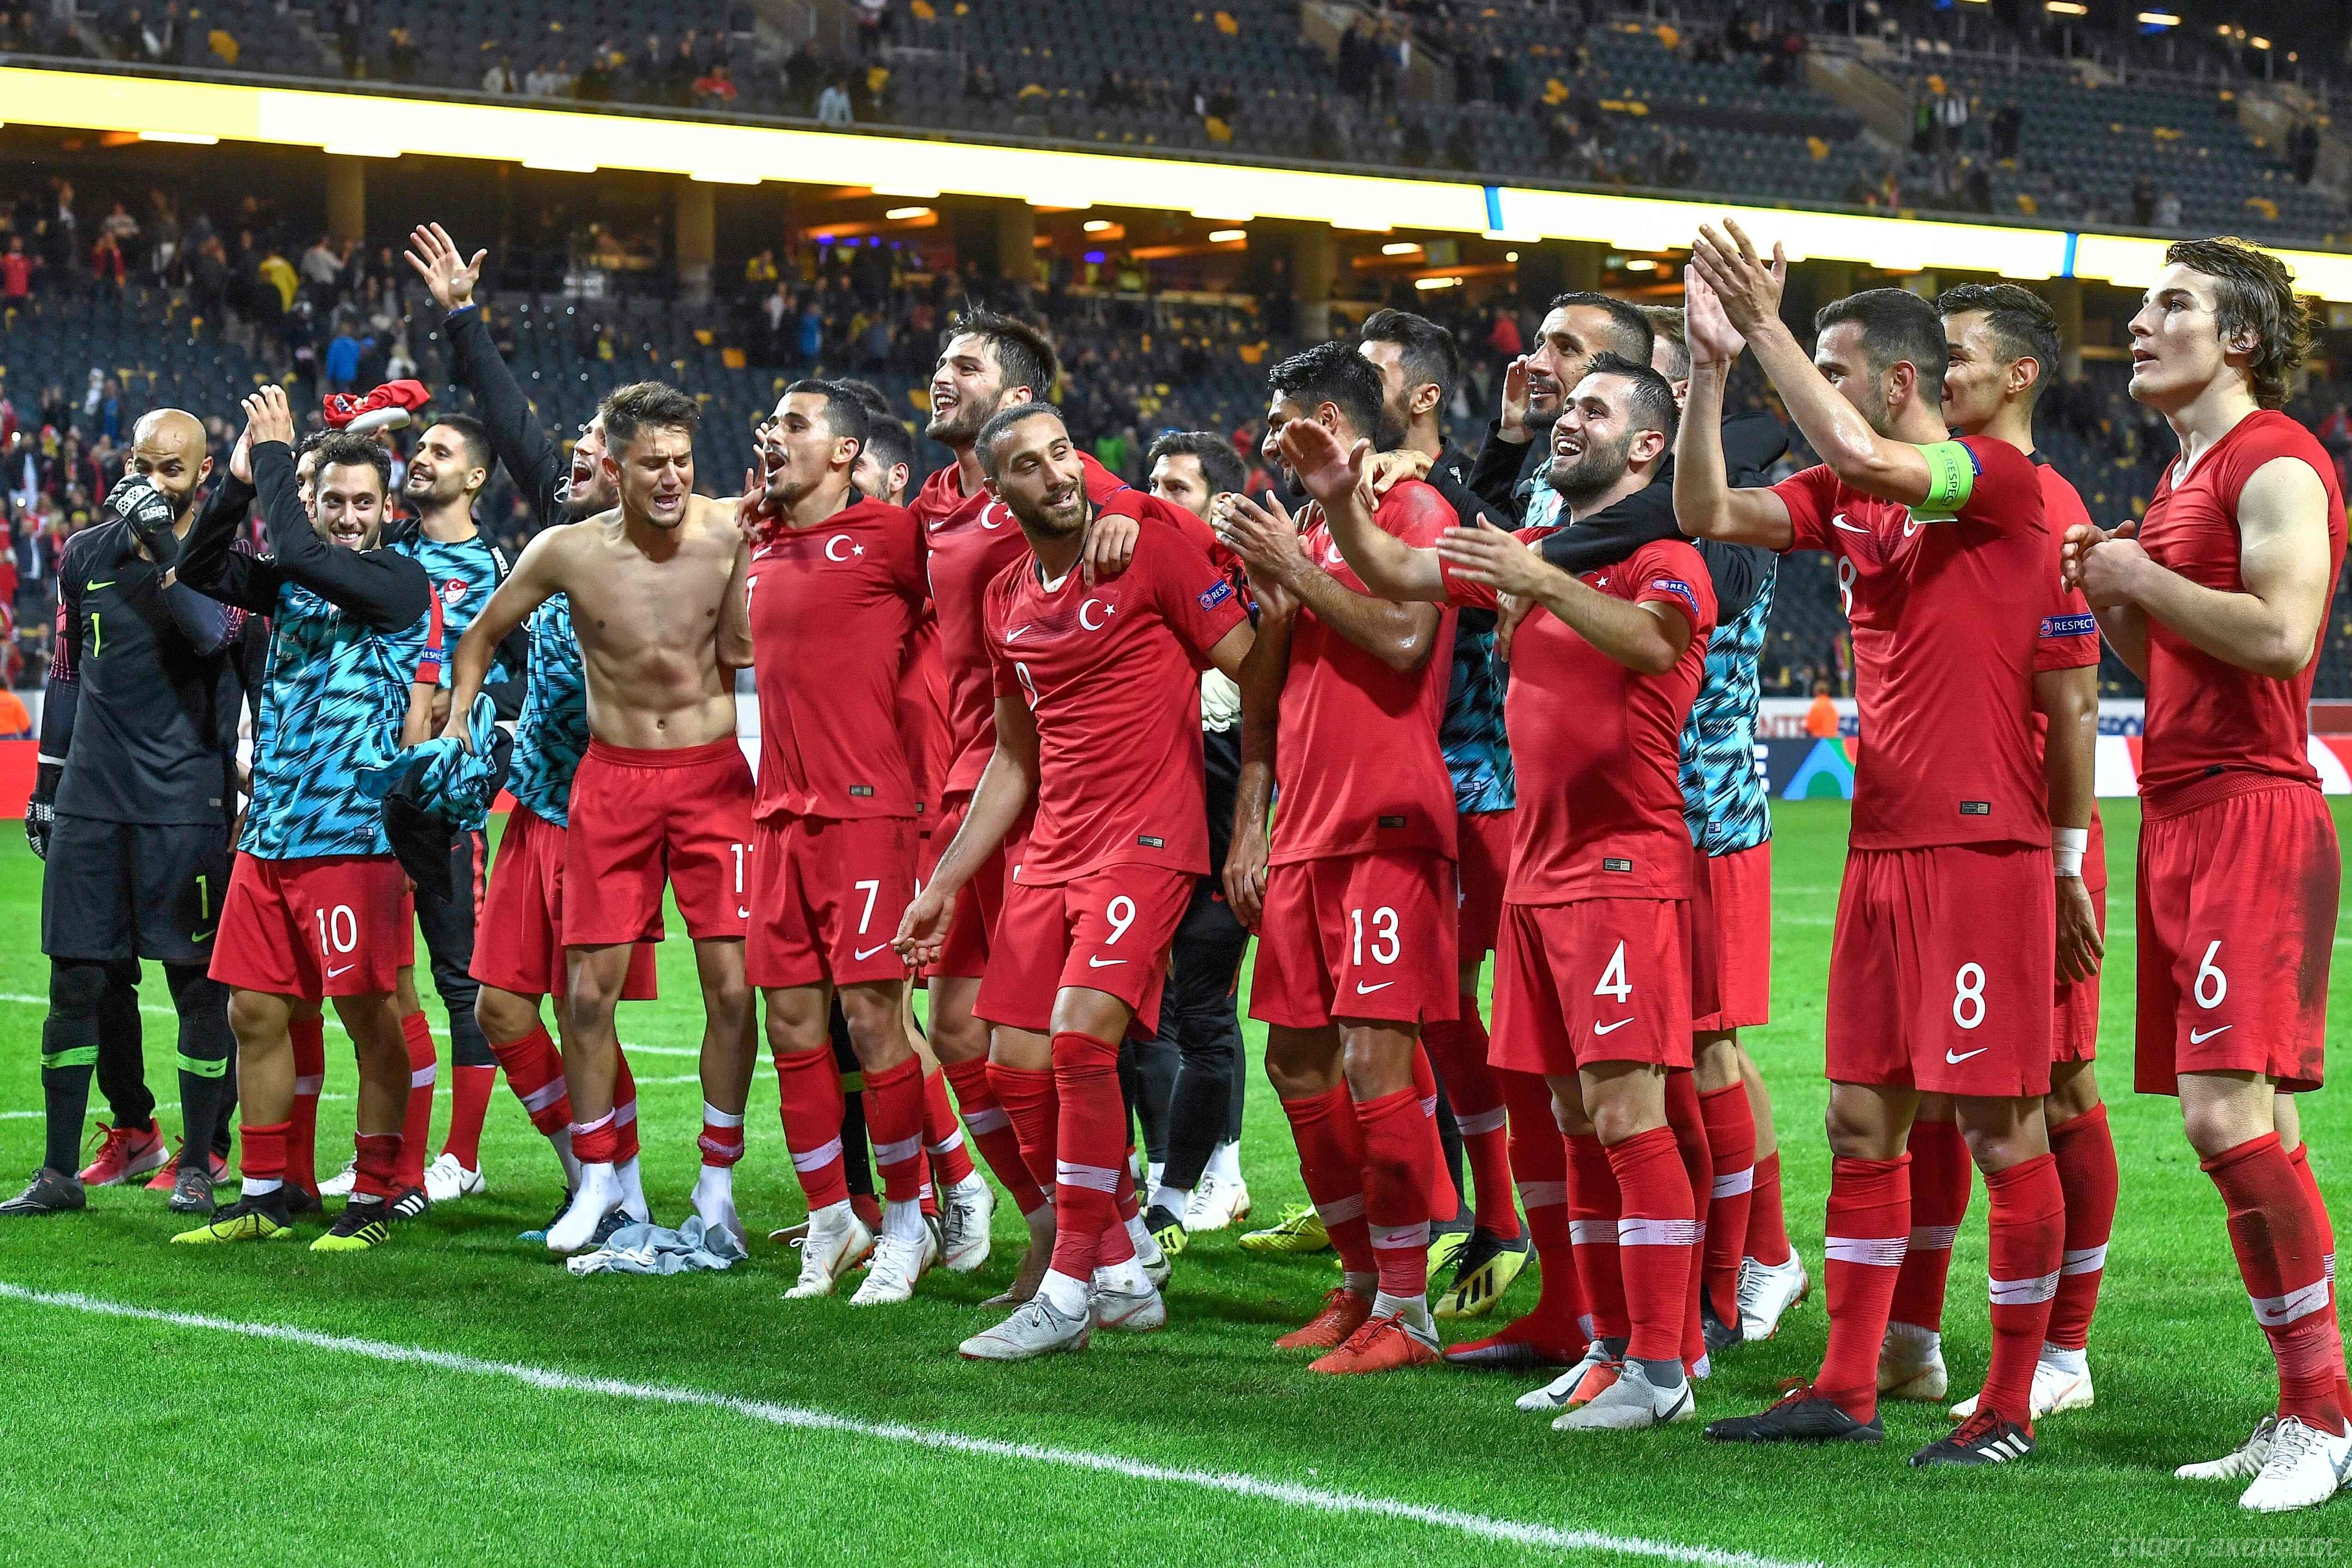 Прогноз на матч Турция - Швеция: турки выиграют с нулевой форой